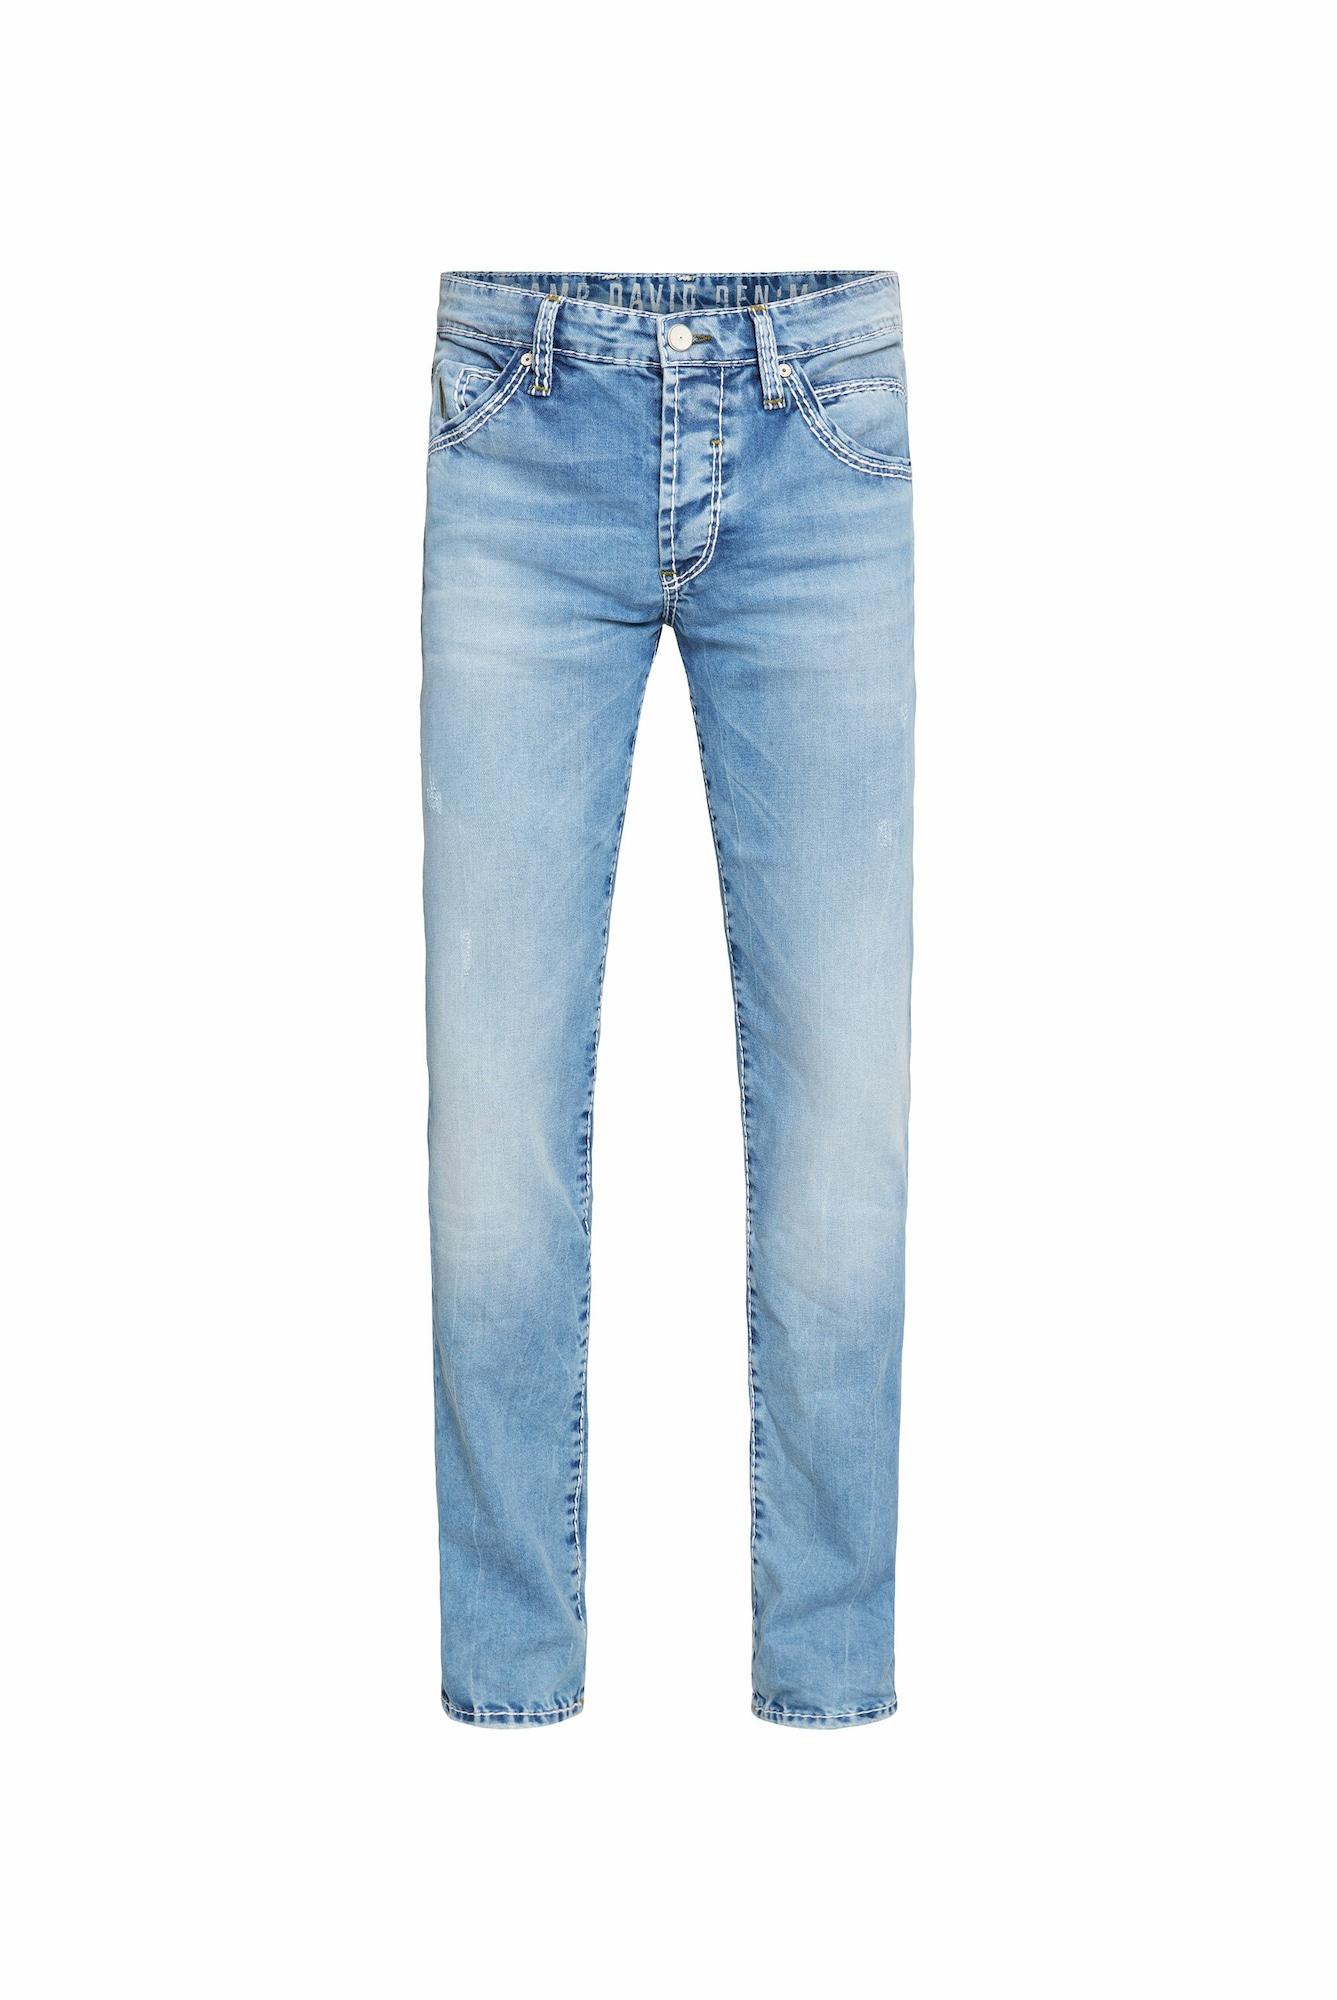 CAMP DAVID Džinsai tamsiai (džinso) mėlyna